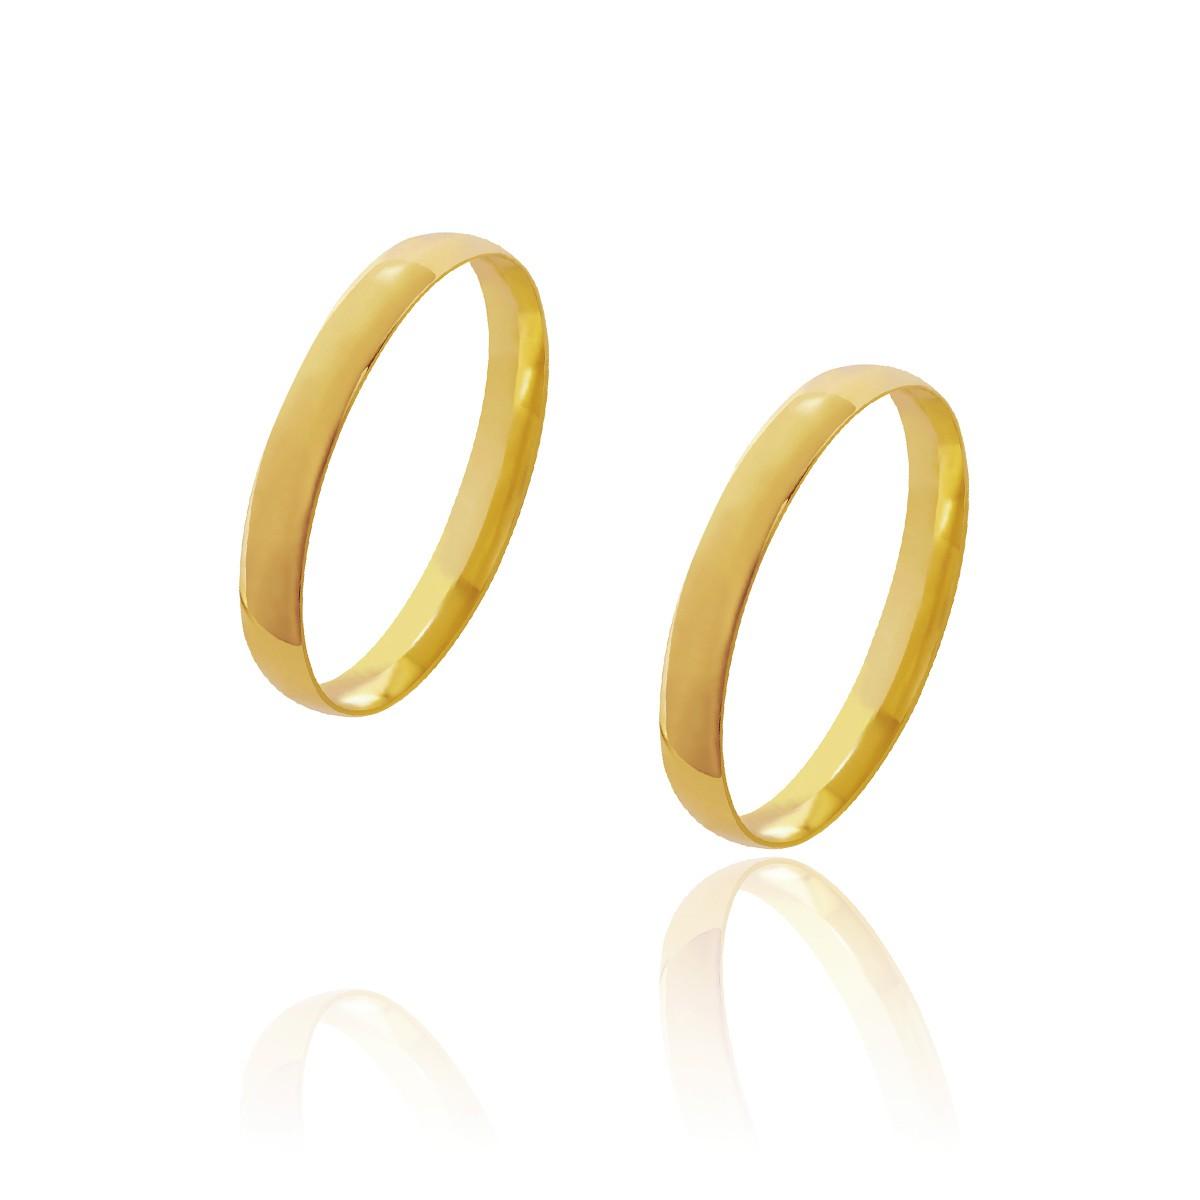 Par de Alianças de Casamento Diana Ouro Abaulada Lisa 3mm 3,5g